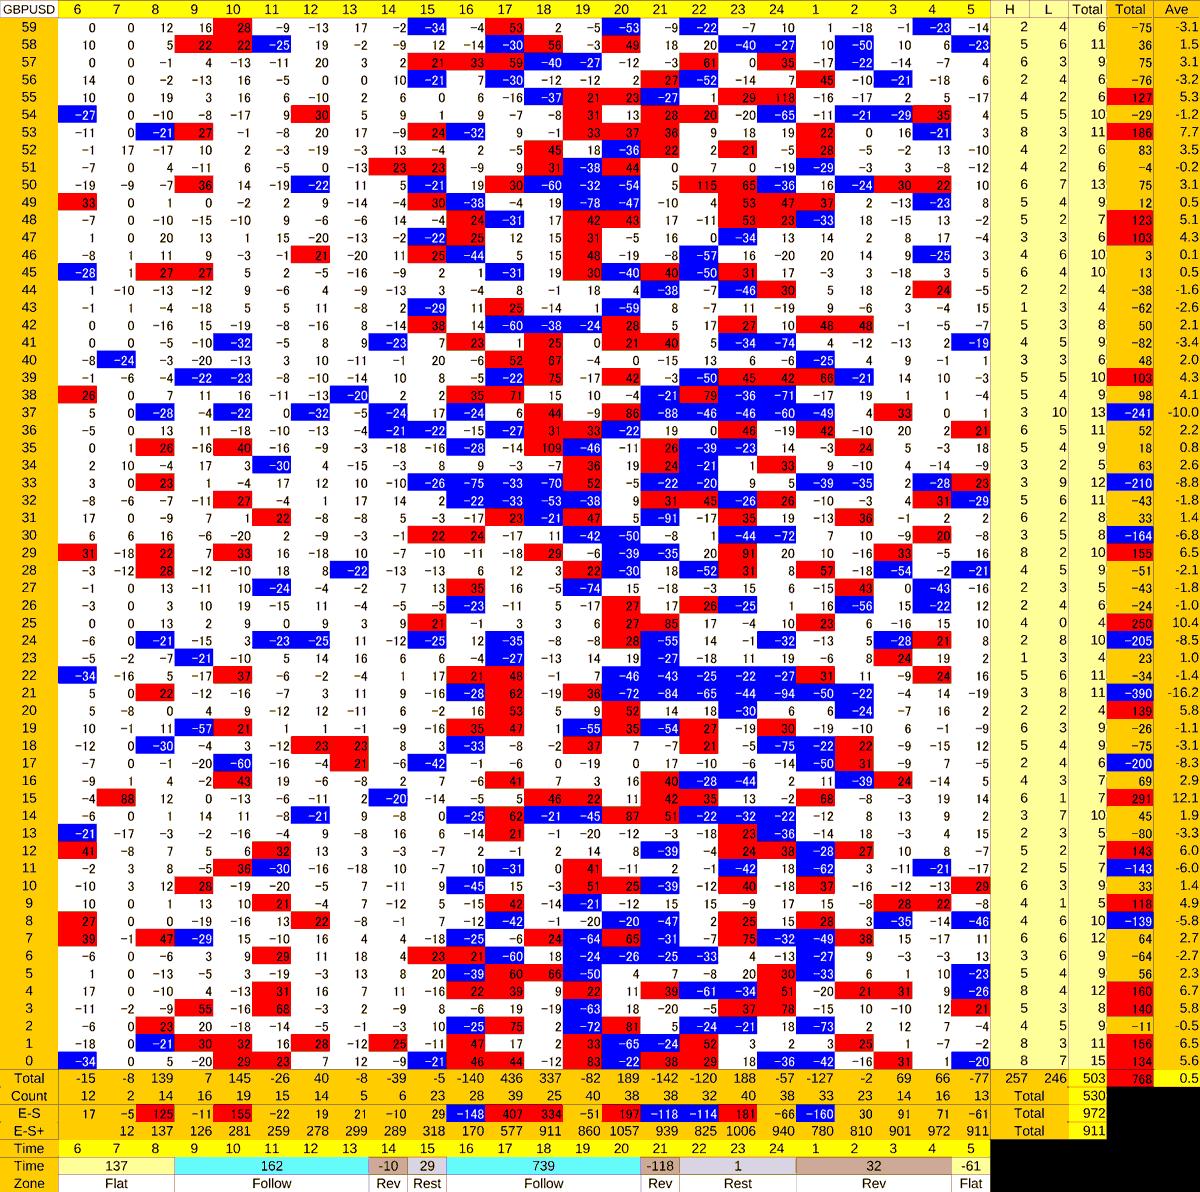 20201110_HS(2)GBPUSD